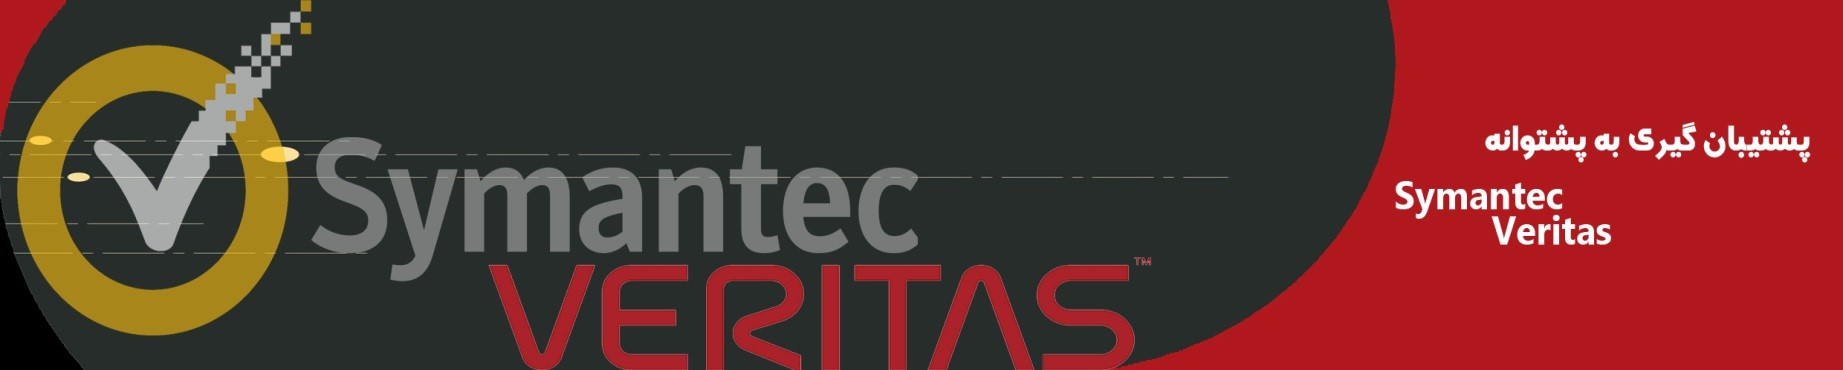 پشتیبان گیری به پشتوانه Symantec Veritas